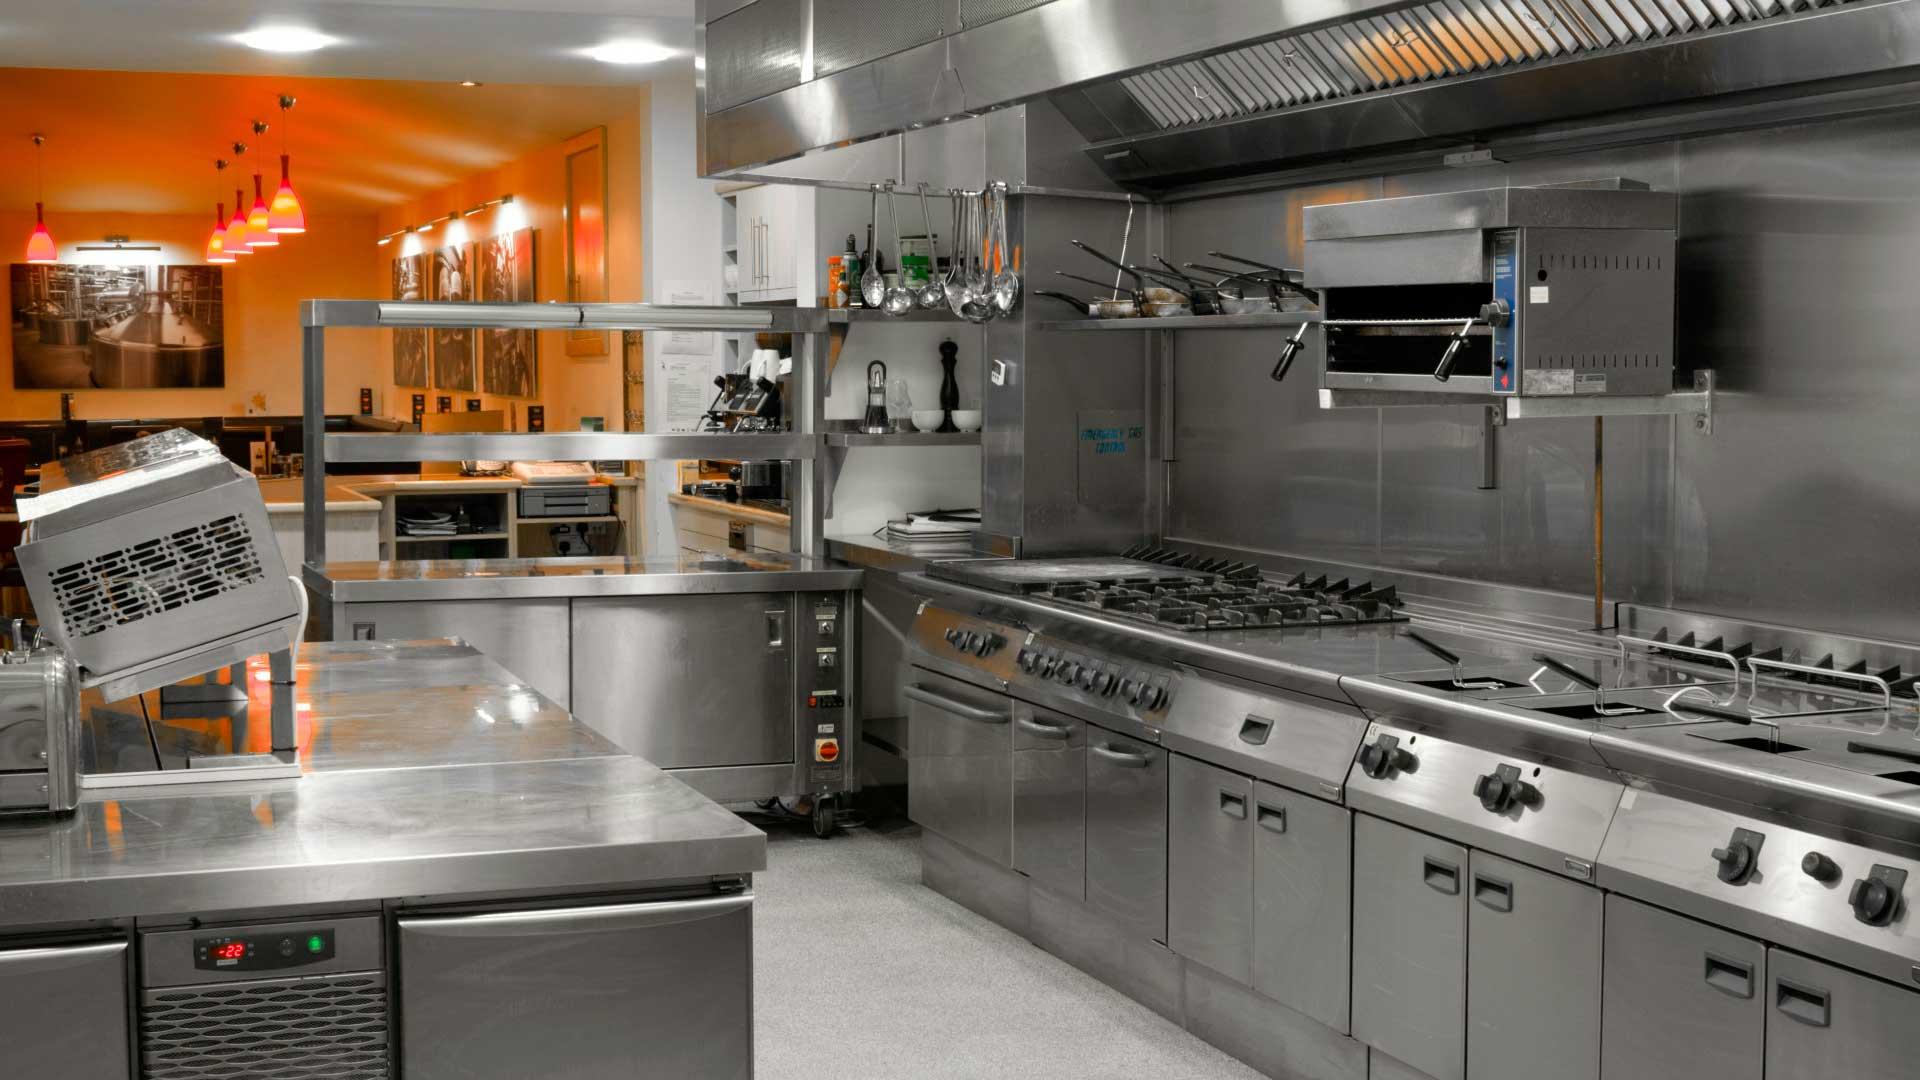 diseño de cocina industrial